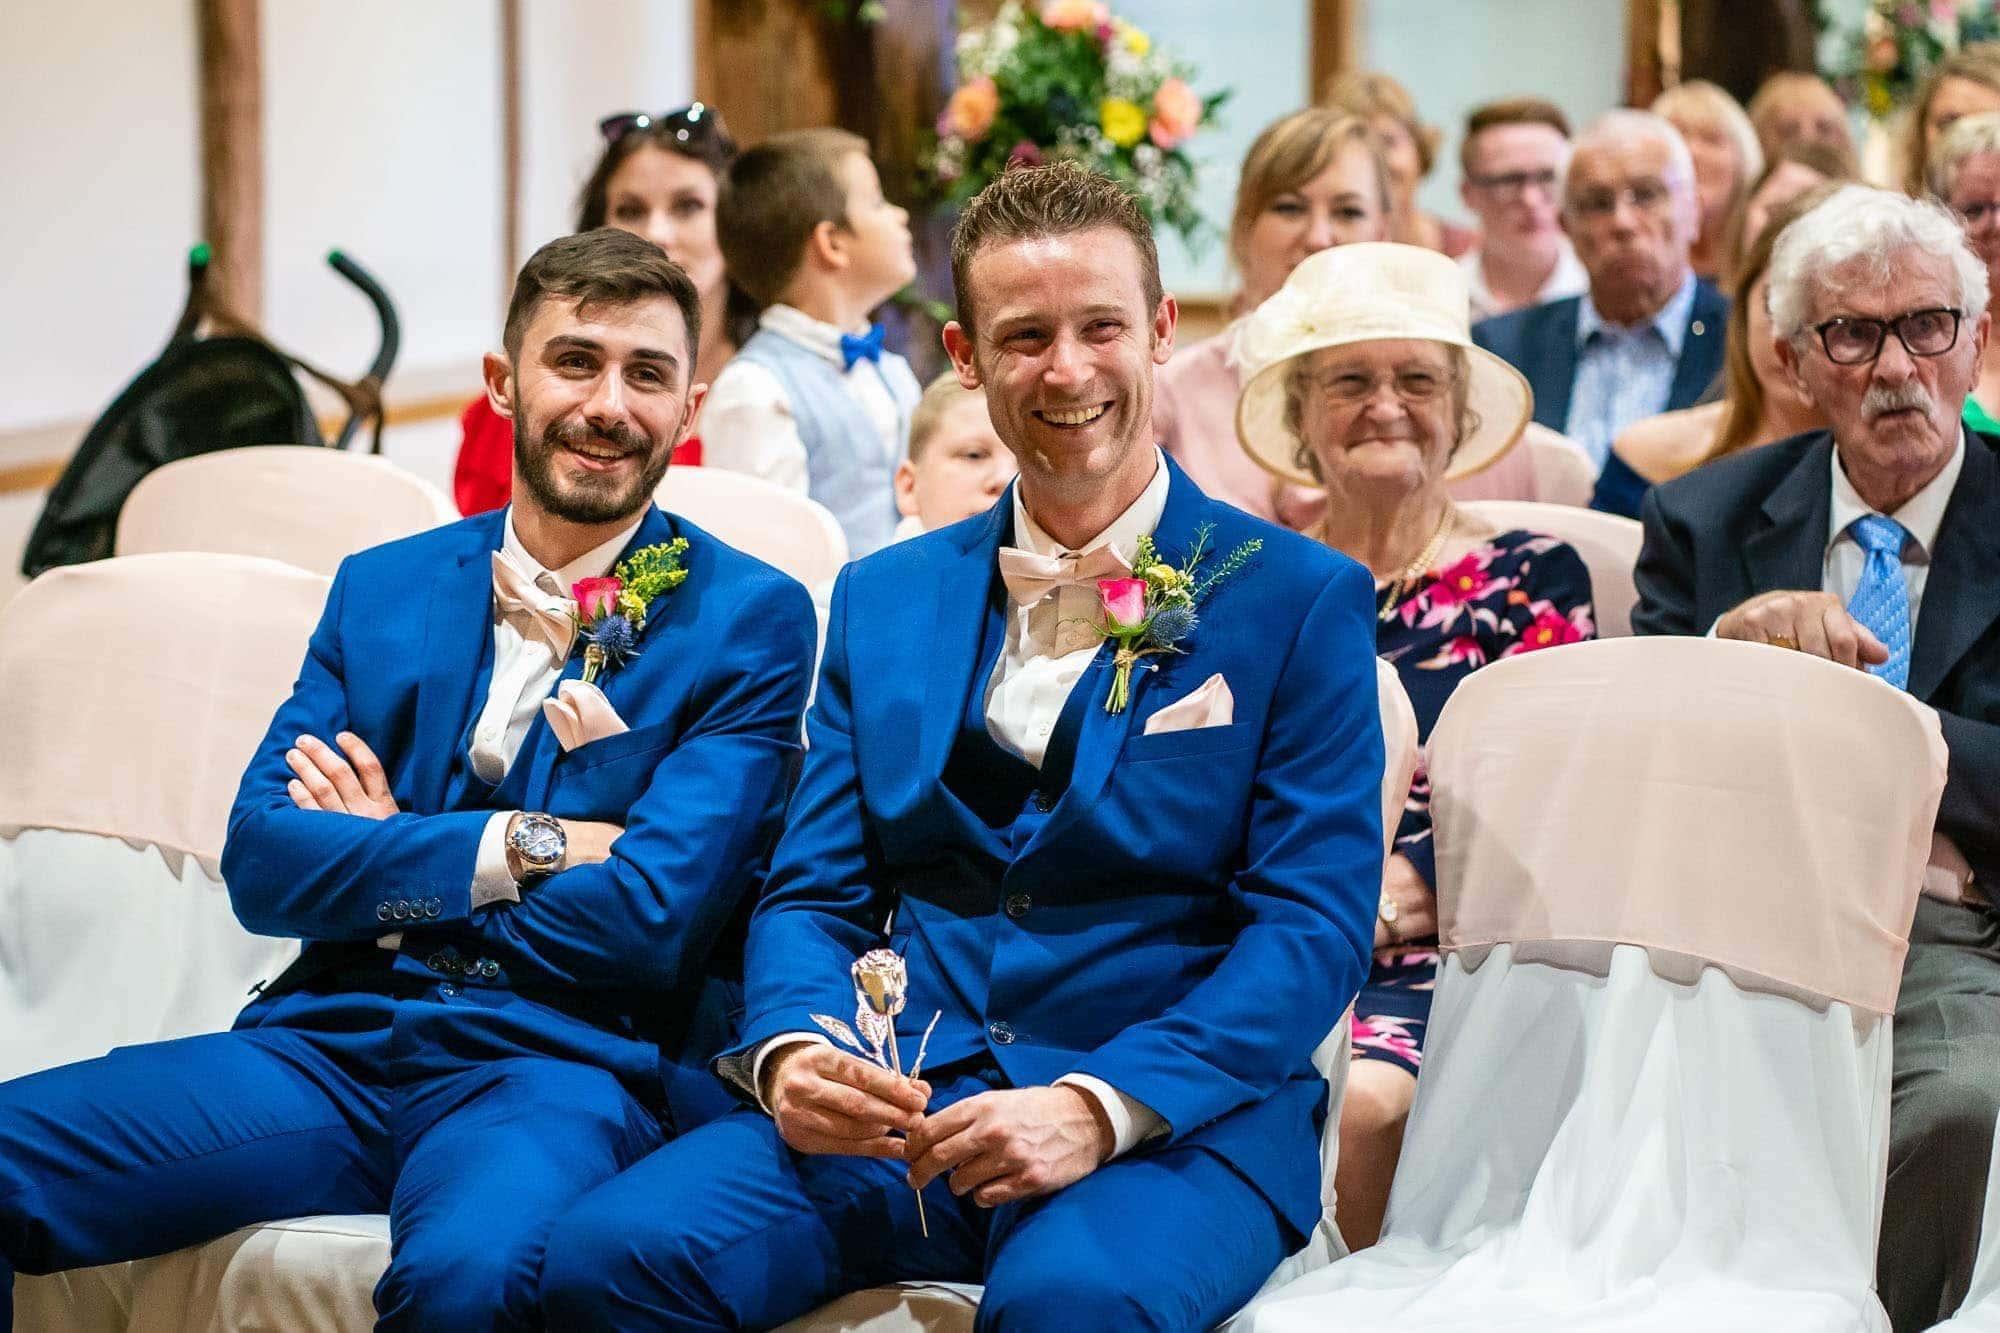 Norton Park Wedding Two Brides 36 8562